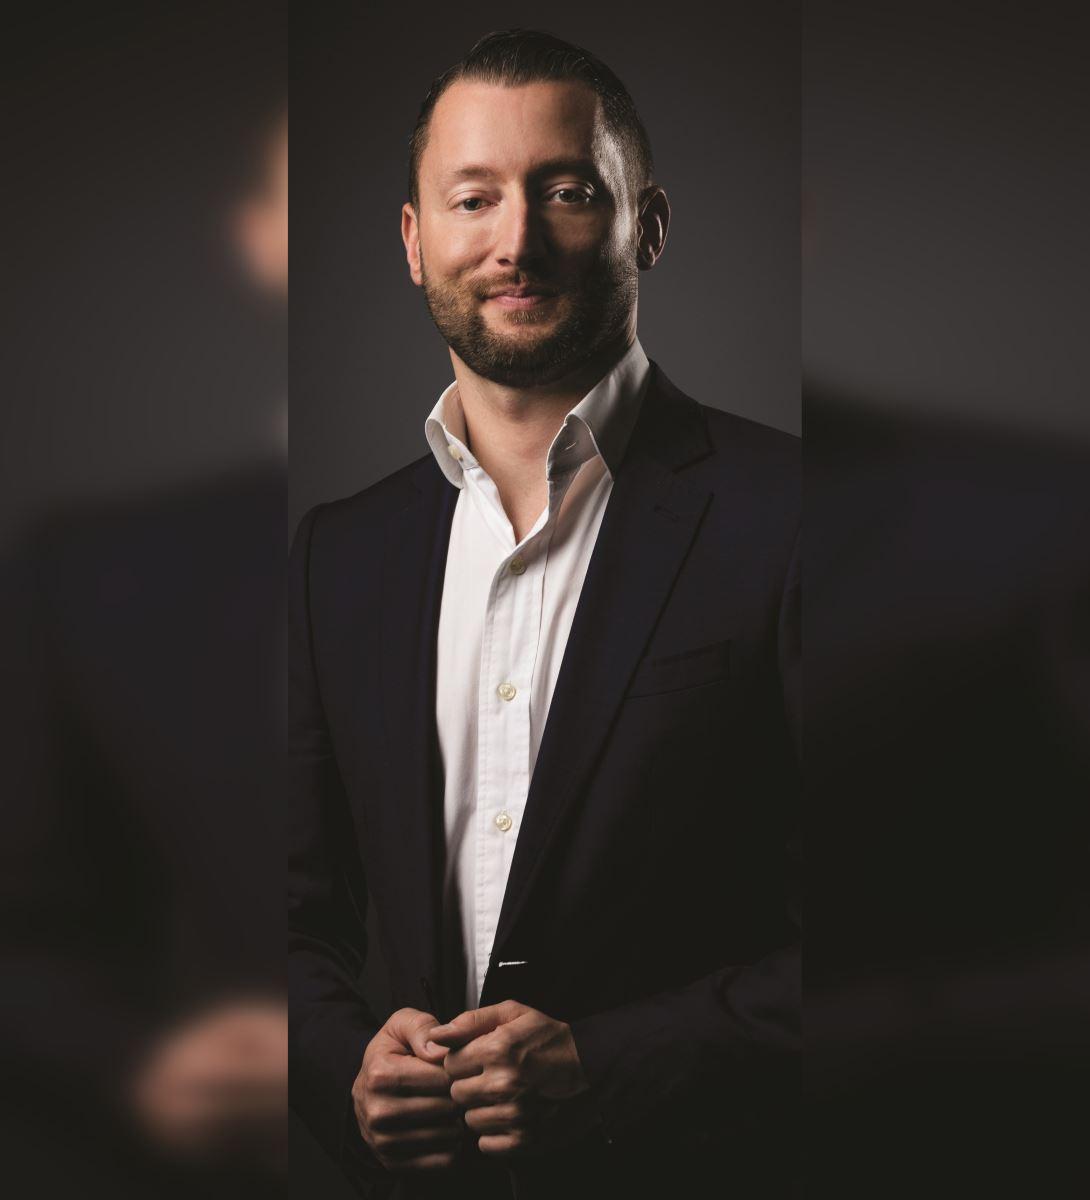 Matthew Paine, Director of HR, ICC Sydney